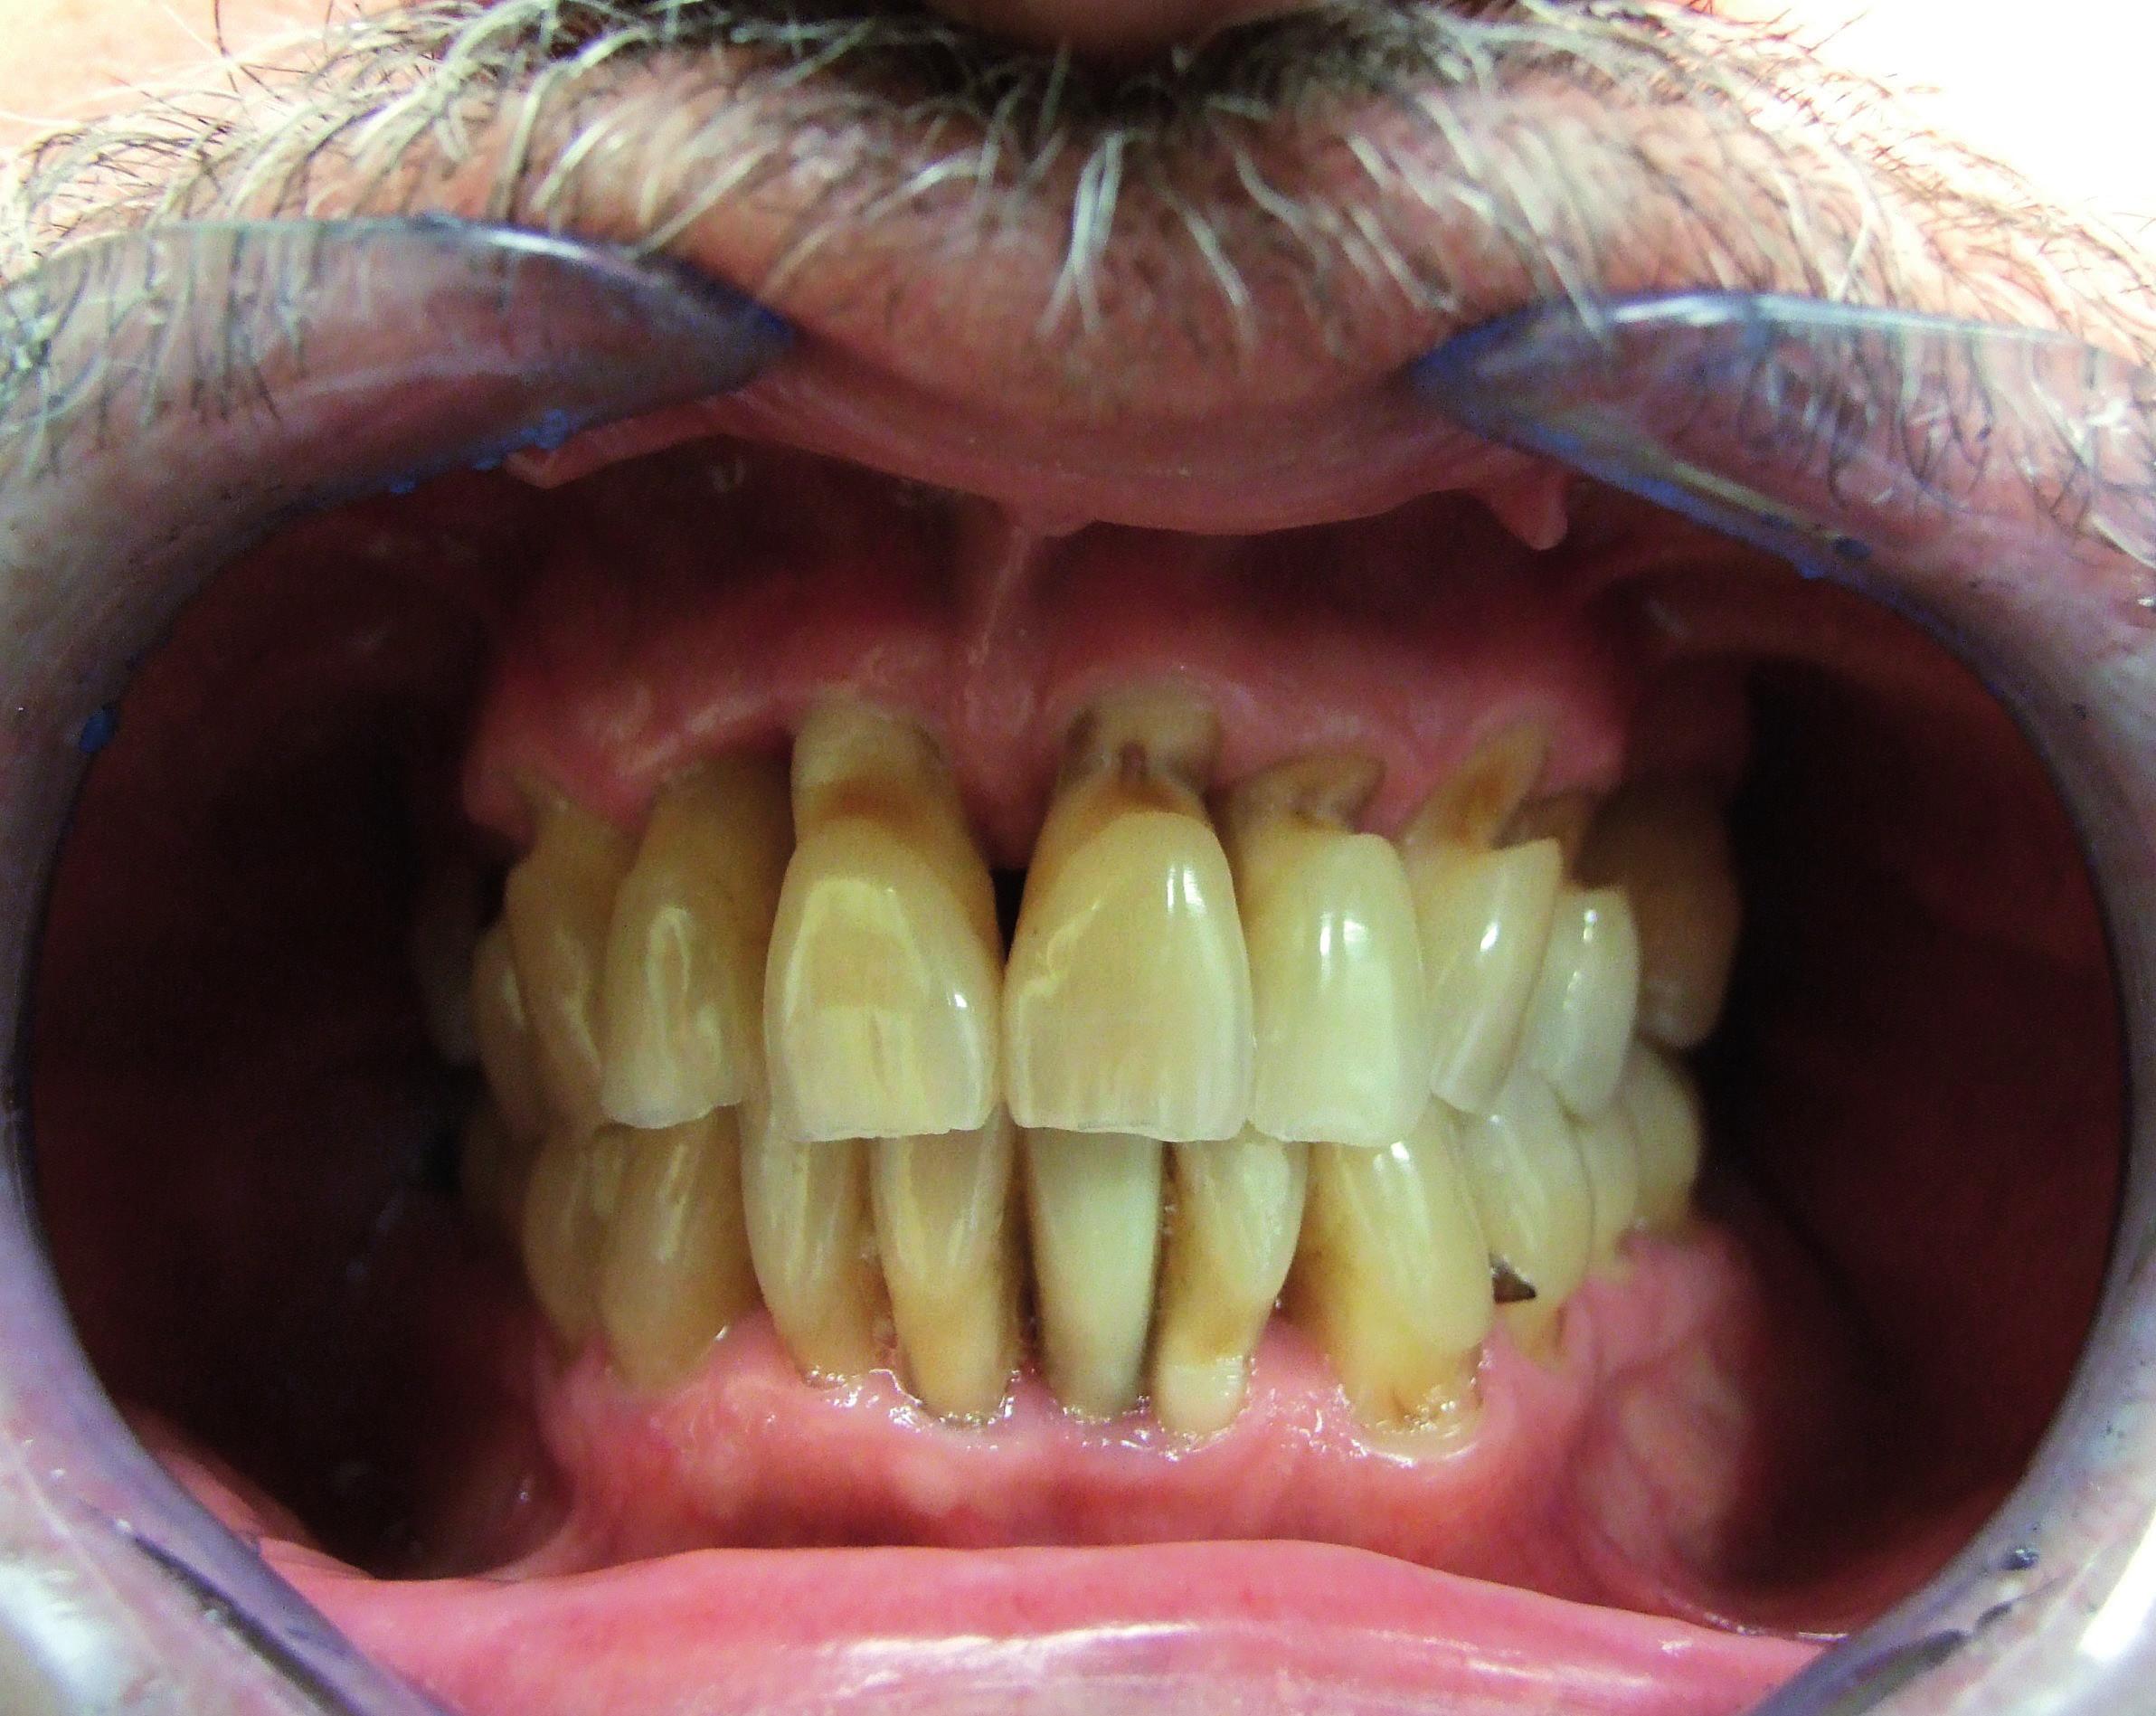 Pokročilé abrazivní defekty cervikální oblasti horních a některých dolních zubů v důsledku traumatizující techniky čištění zubů